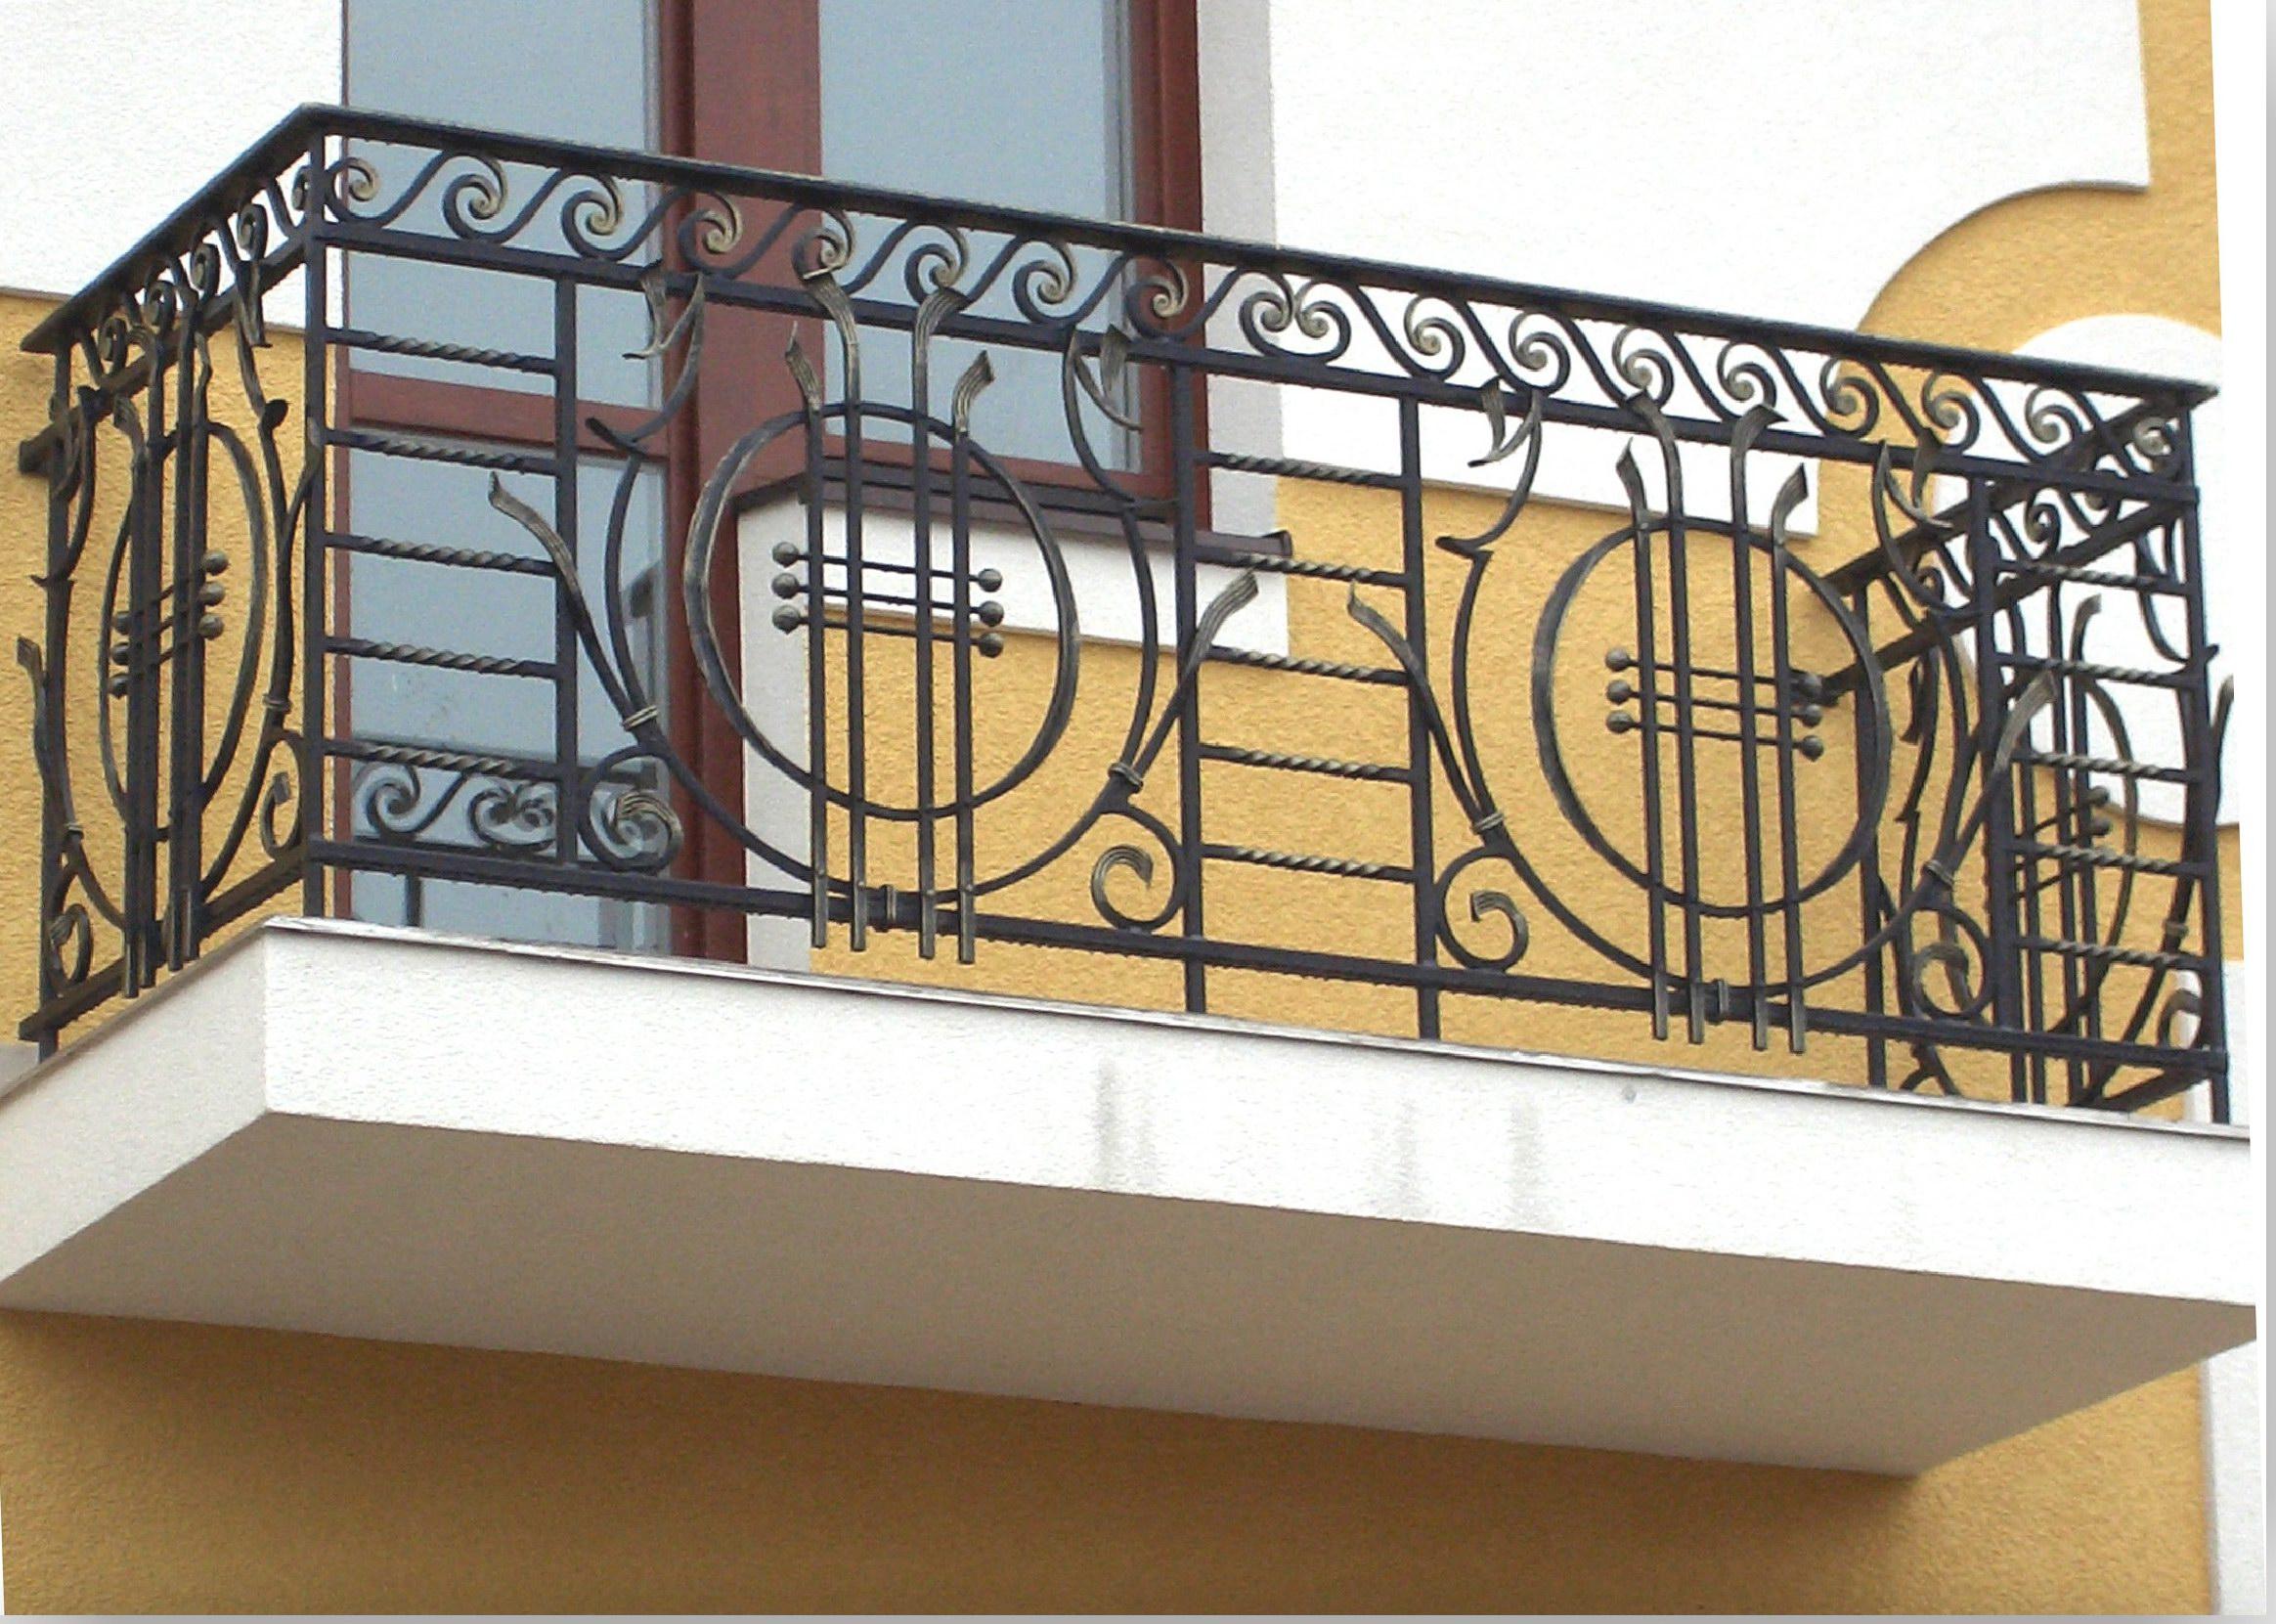 Художественная ковка: балконы - фотогалерея - художня ковка .